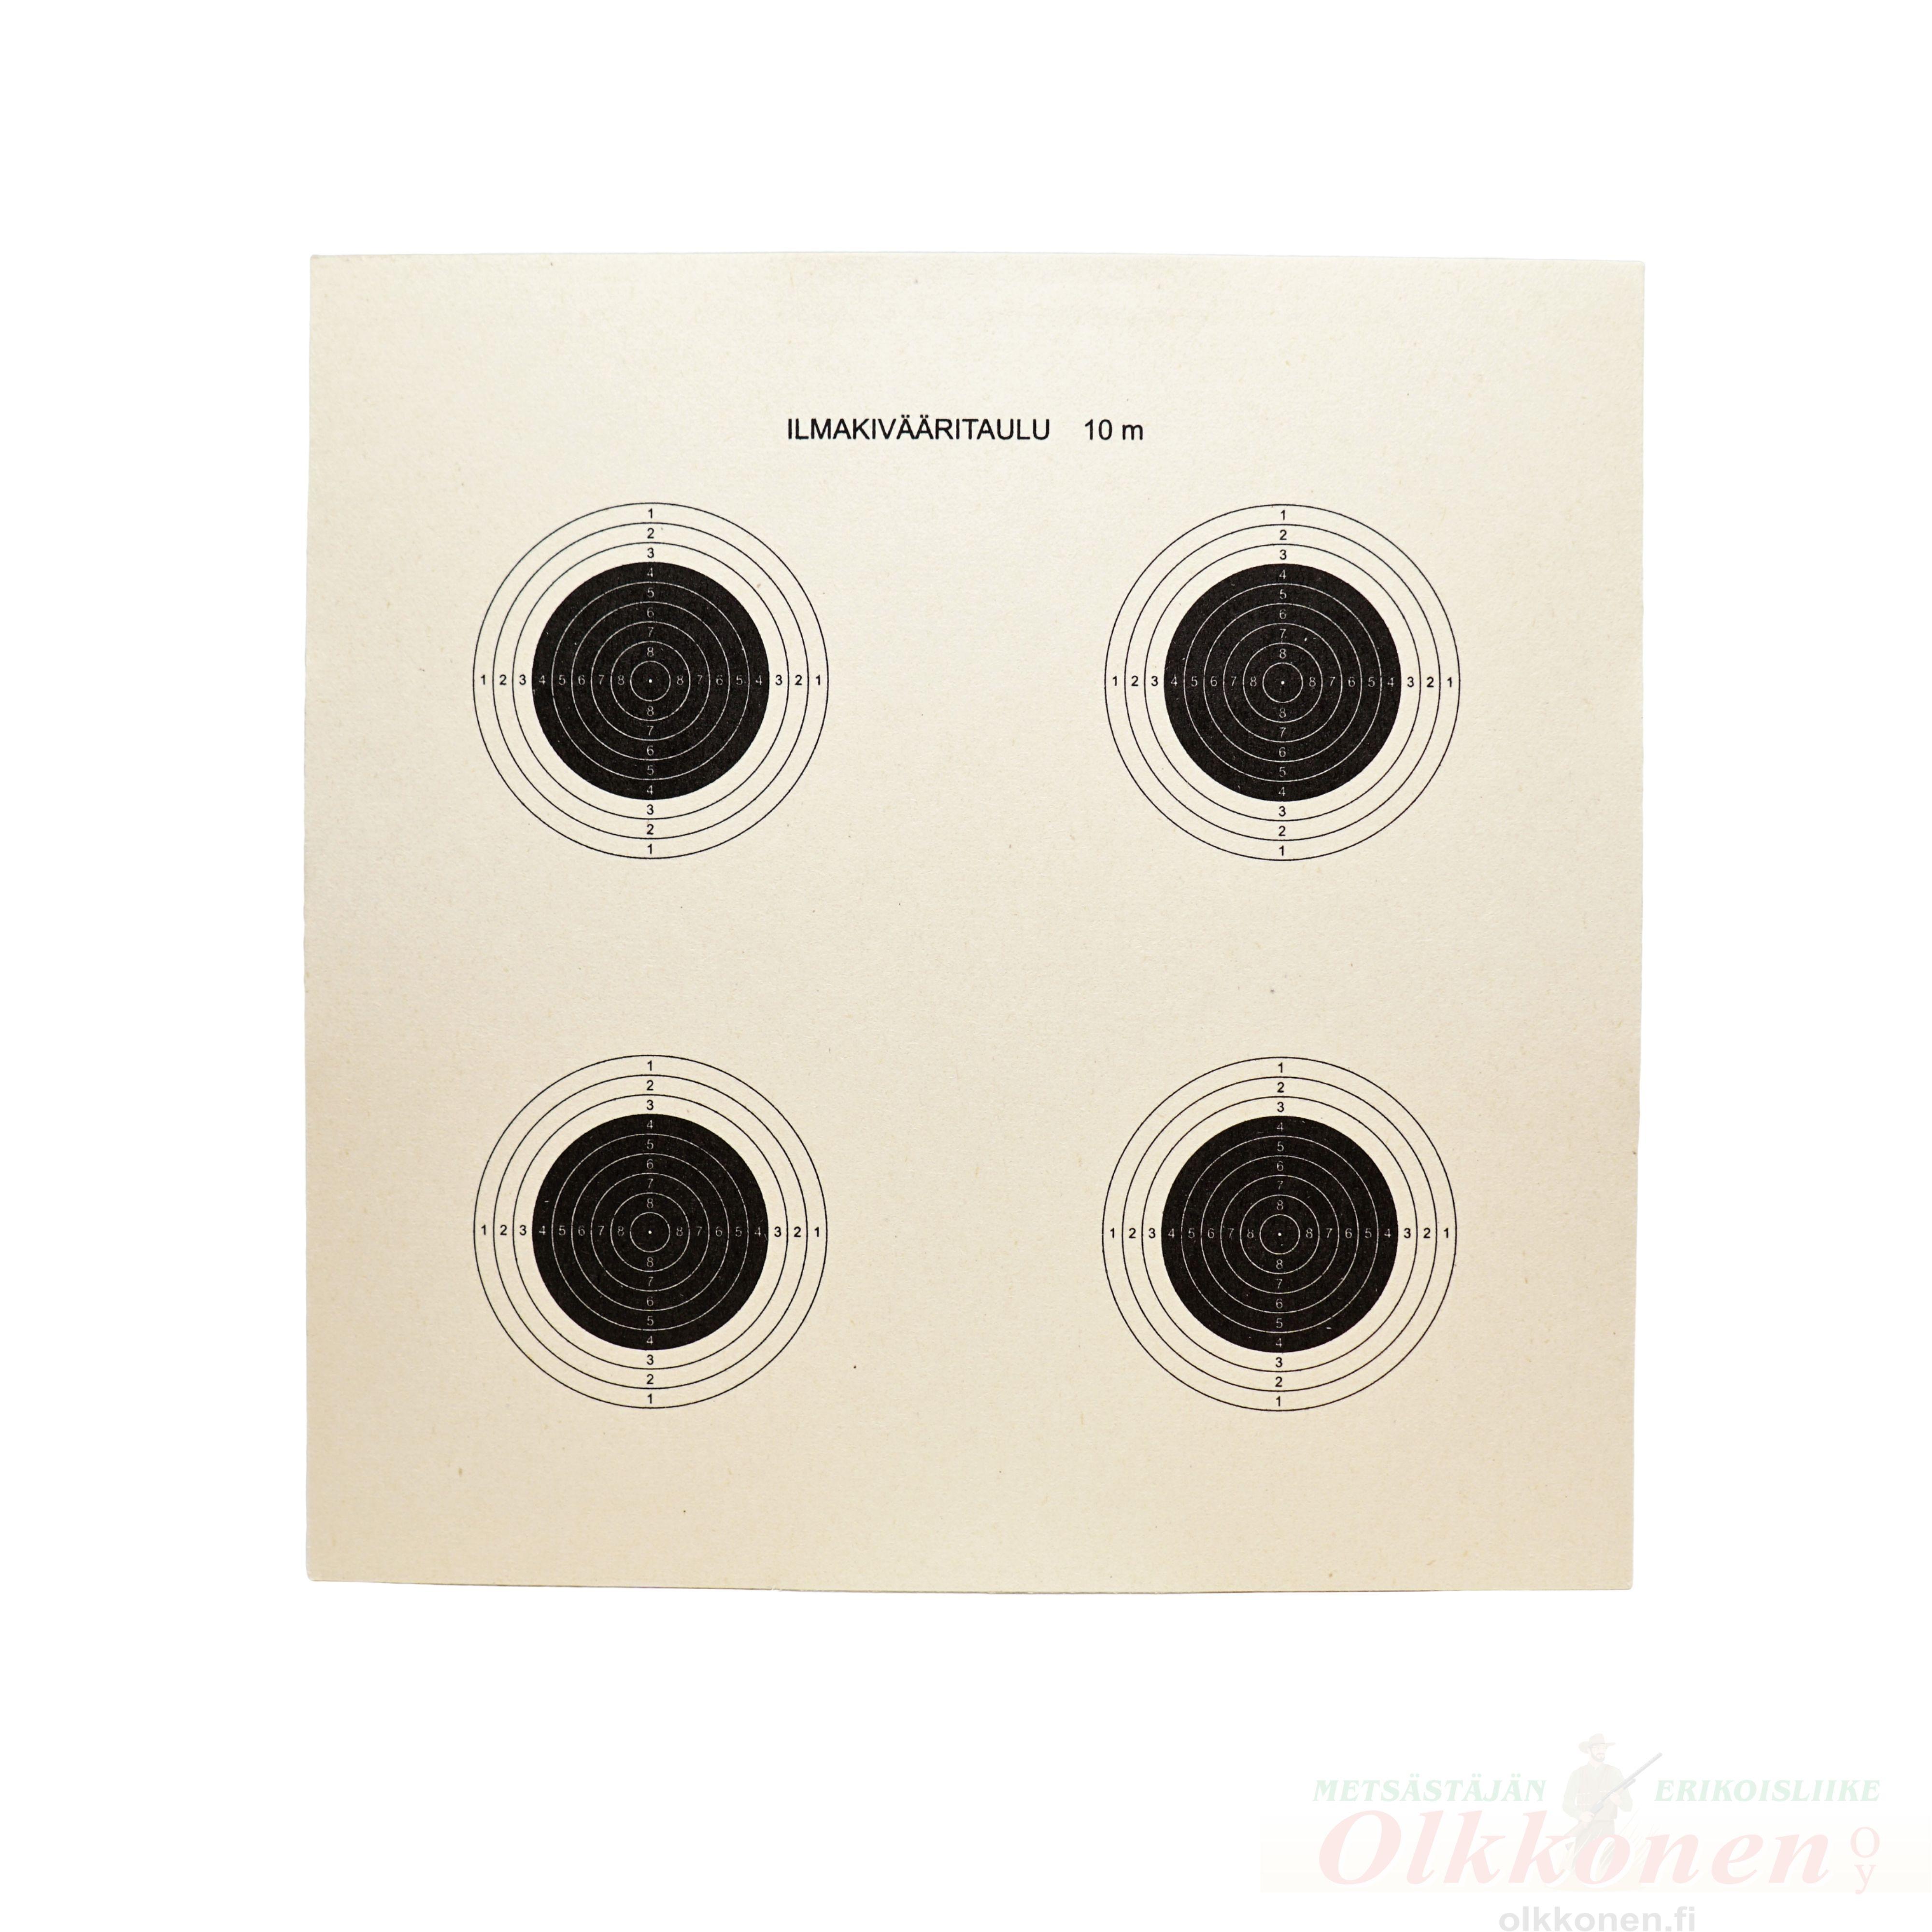 Ilmakivääritaulu 4 täplä 17x17 cm / 50 kpl pakk